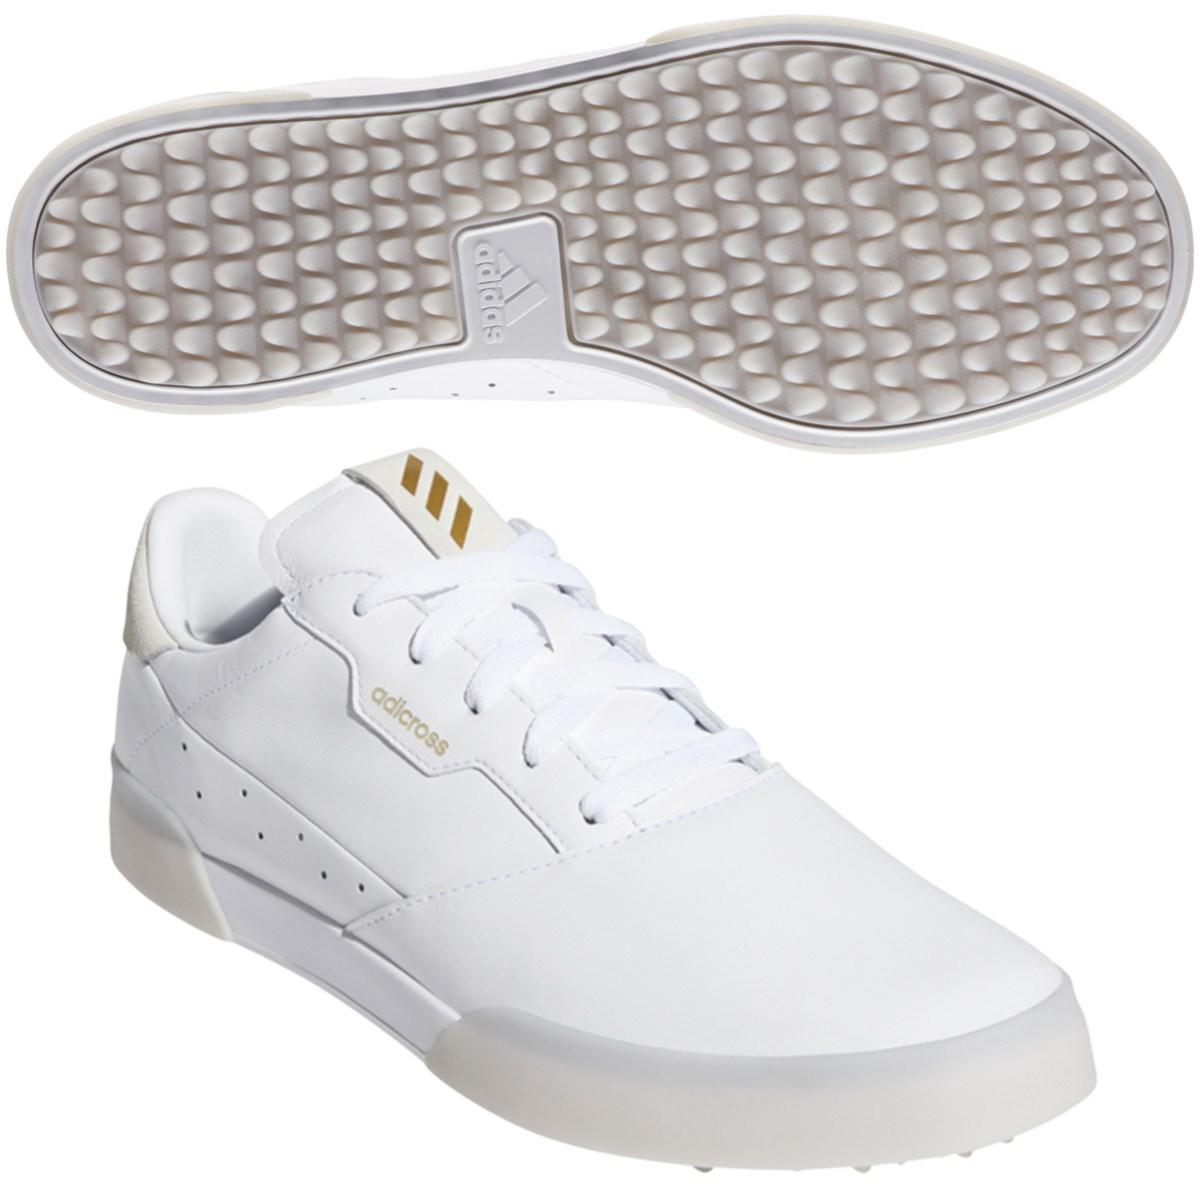 アディダス Adidas アディクロス レトロ シューズ 28cm ホワイト/ゴールドメタリック/クリスタルホワイト